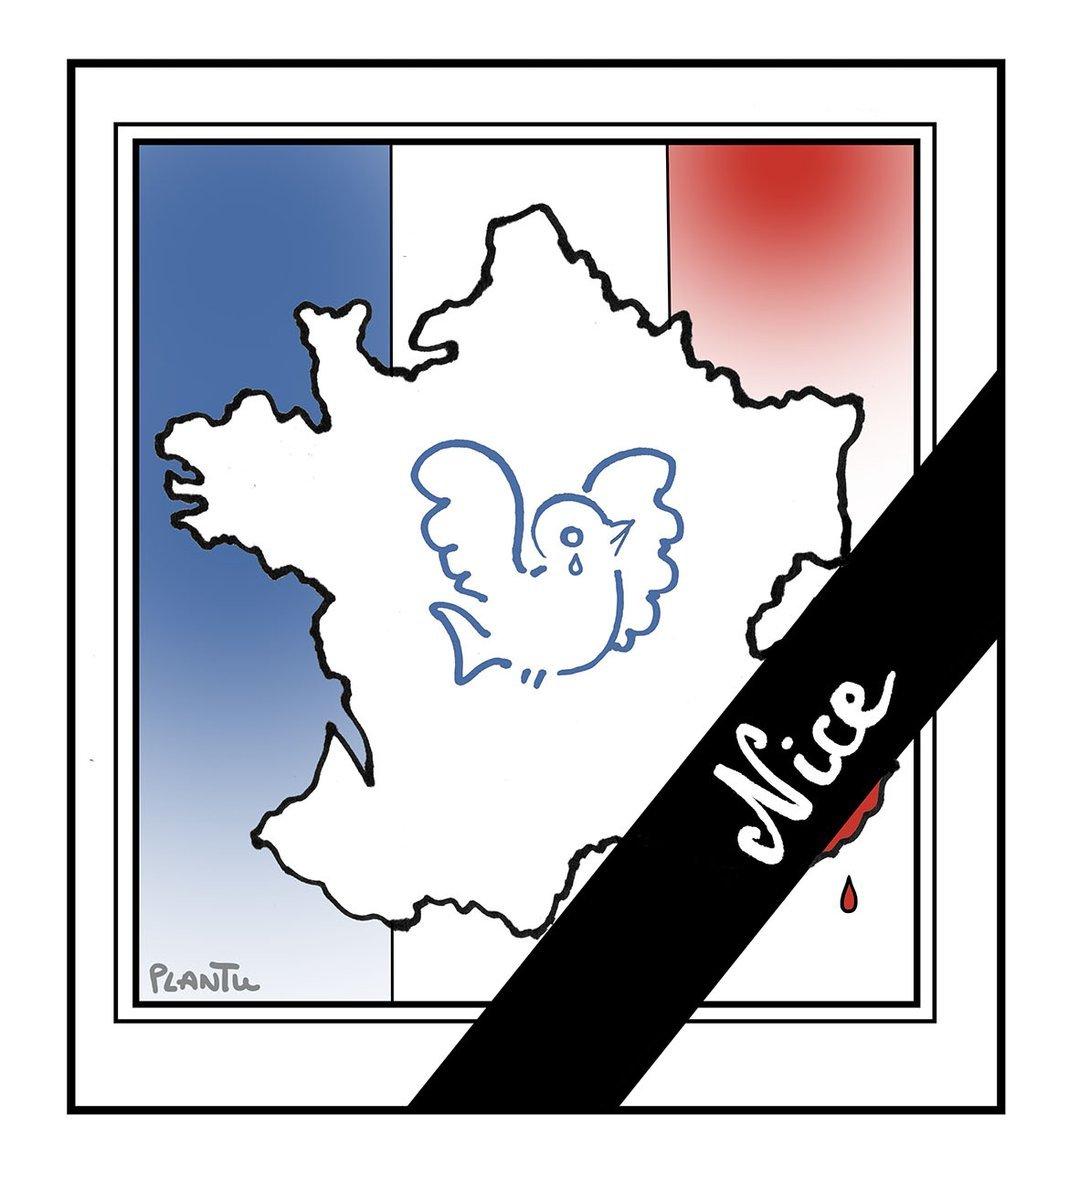 Triste journée pour notre peuple, nos condoléances pour les personnes concernées. - meme